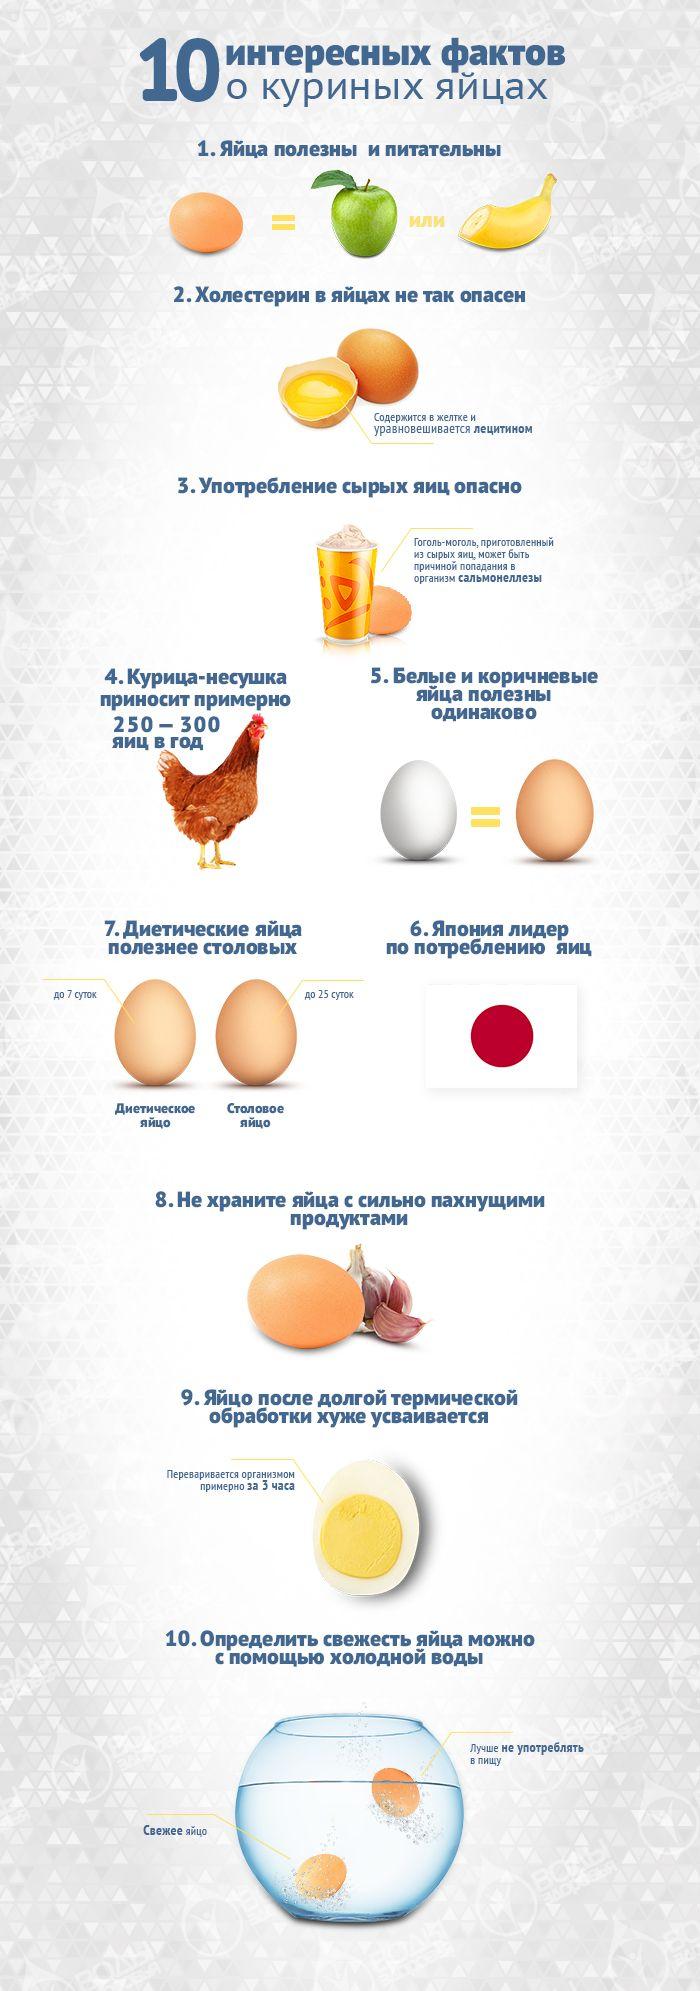 Какой вес в граммах имеет куриное яйцо: сырое, вареное, без скорлупы